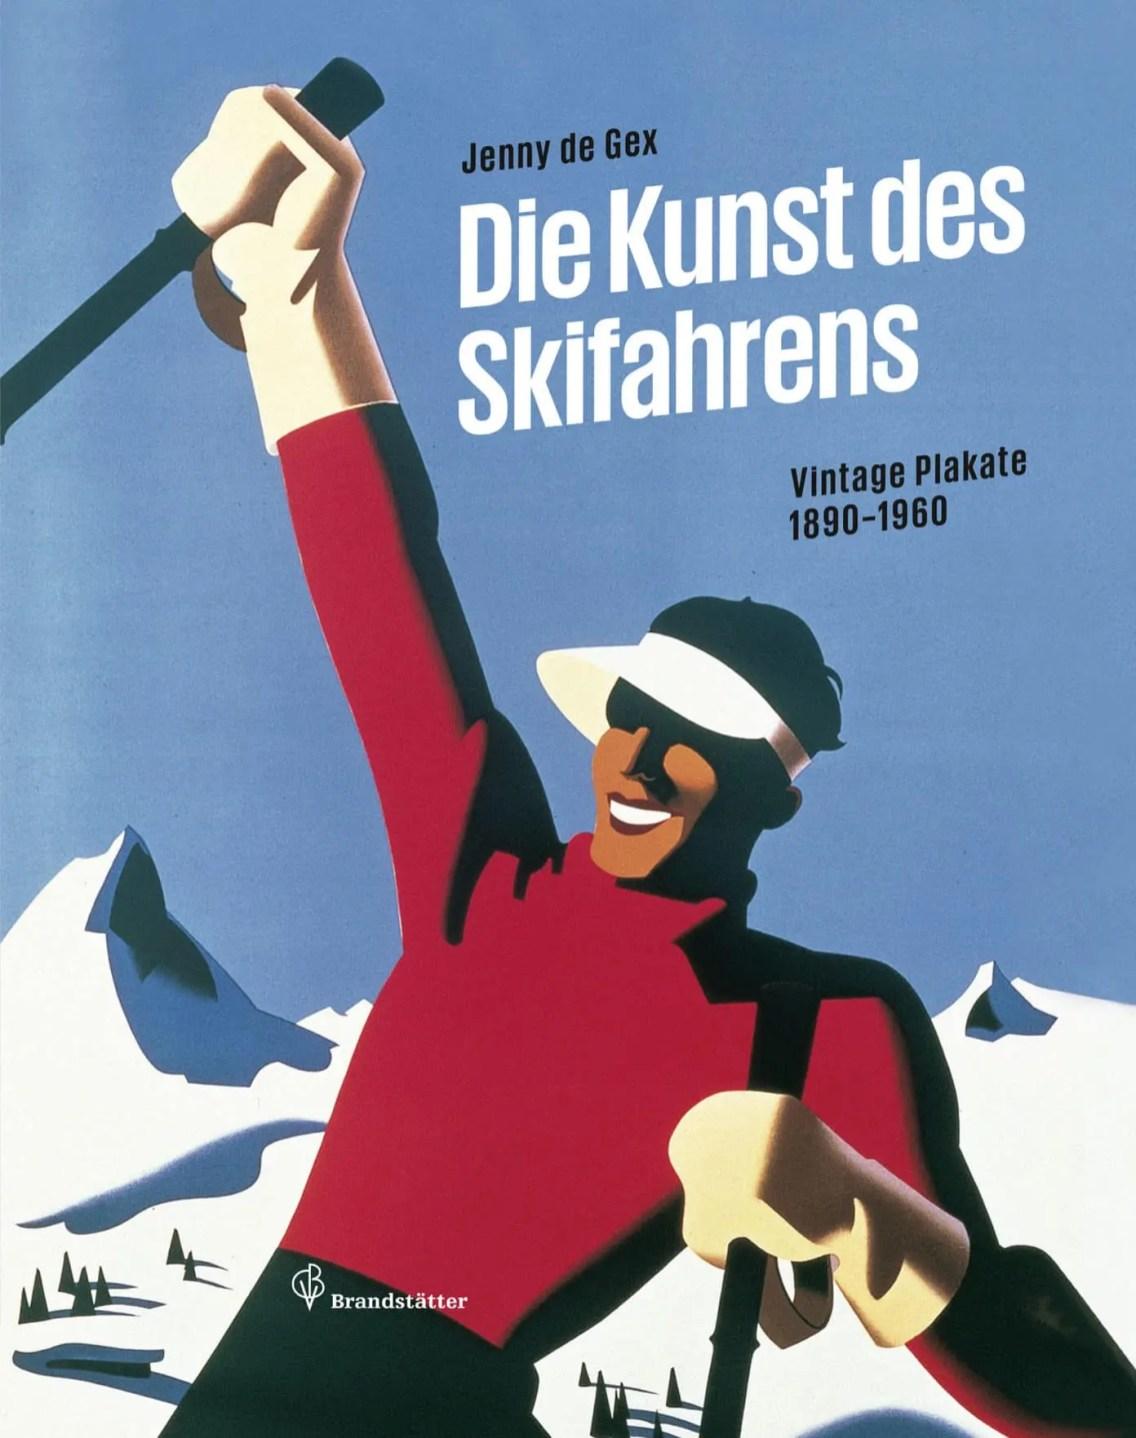 test-kunst-des-skifahrens-bild_1